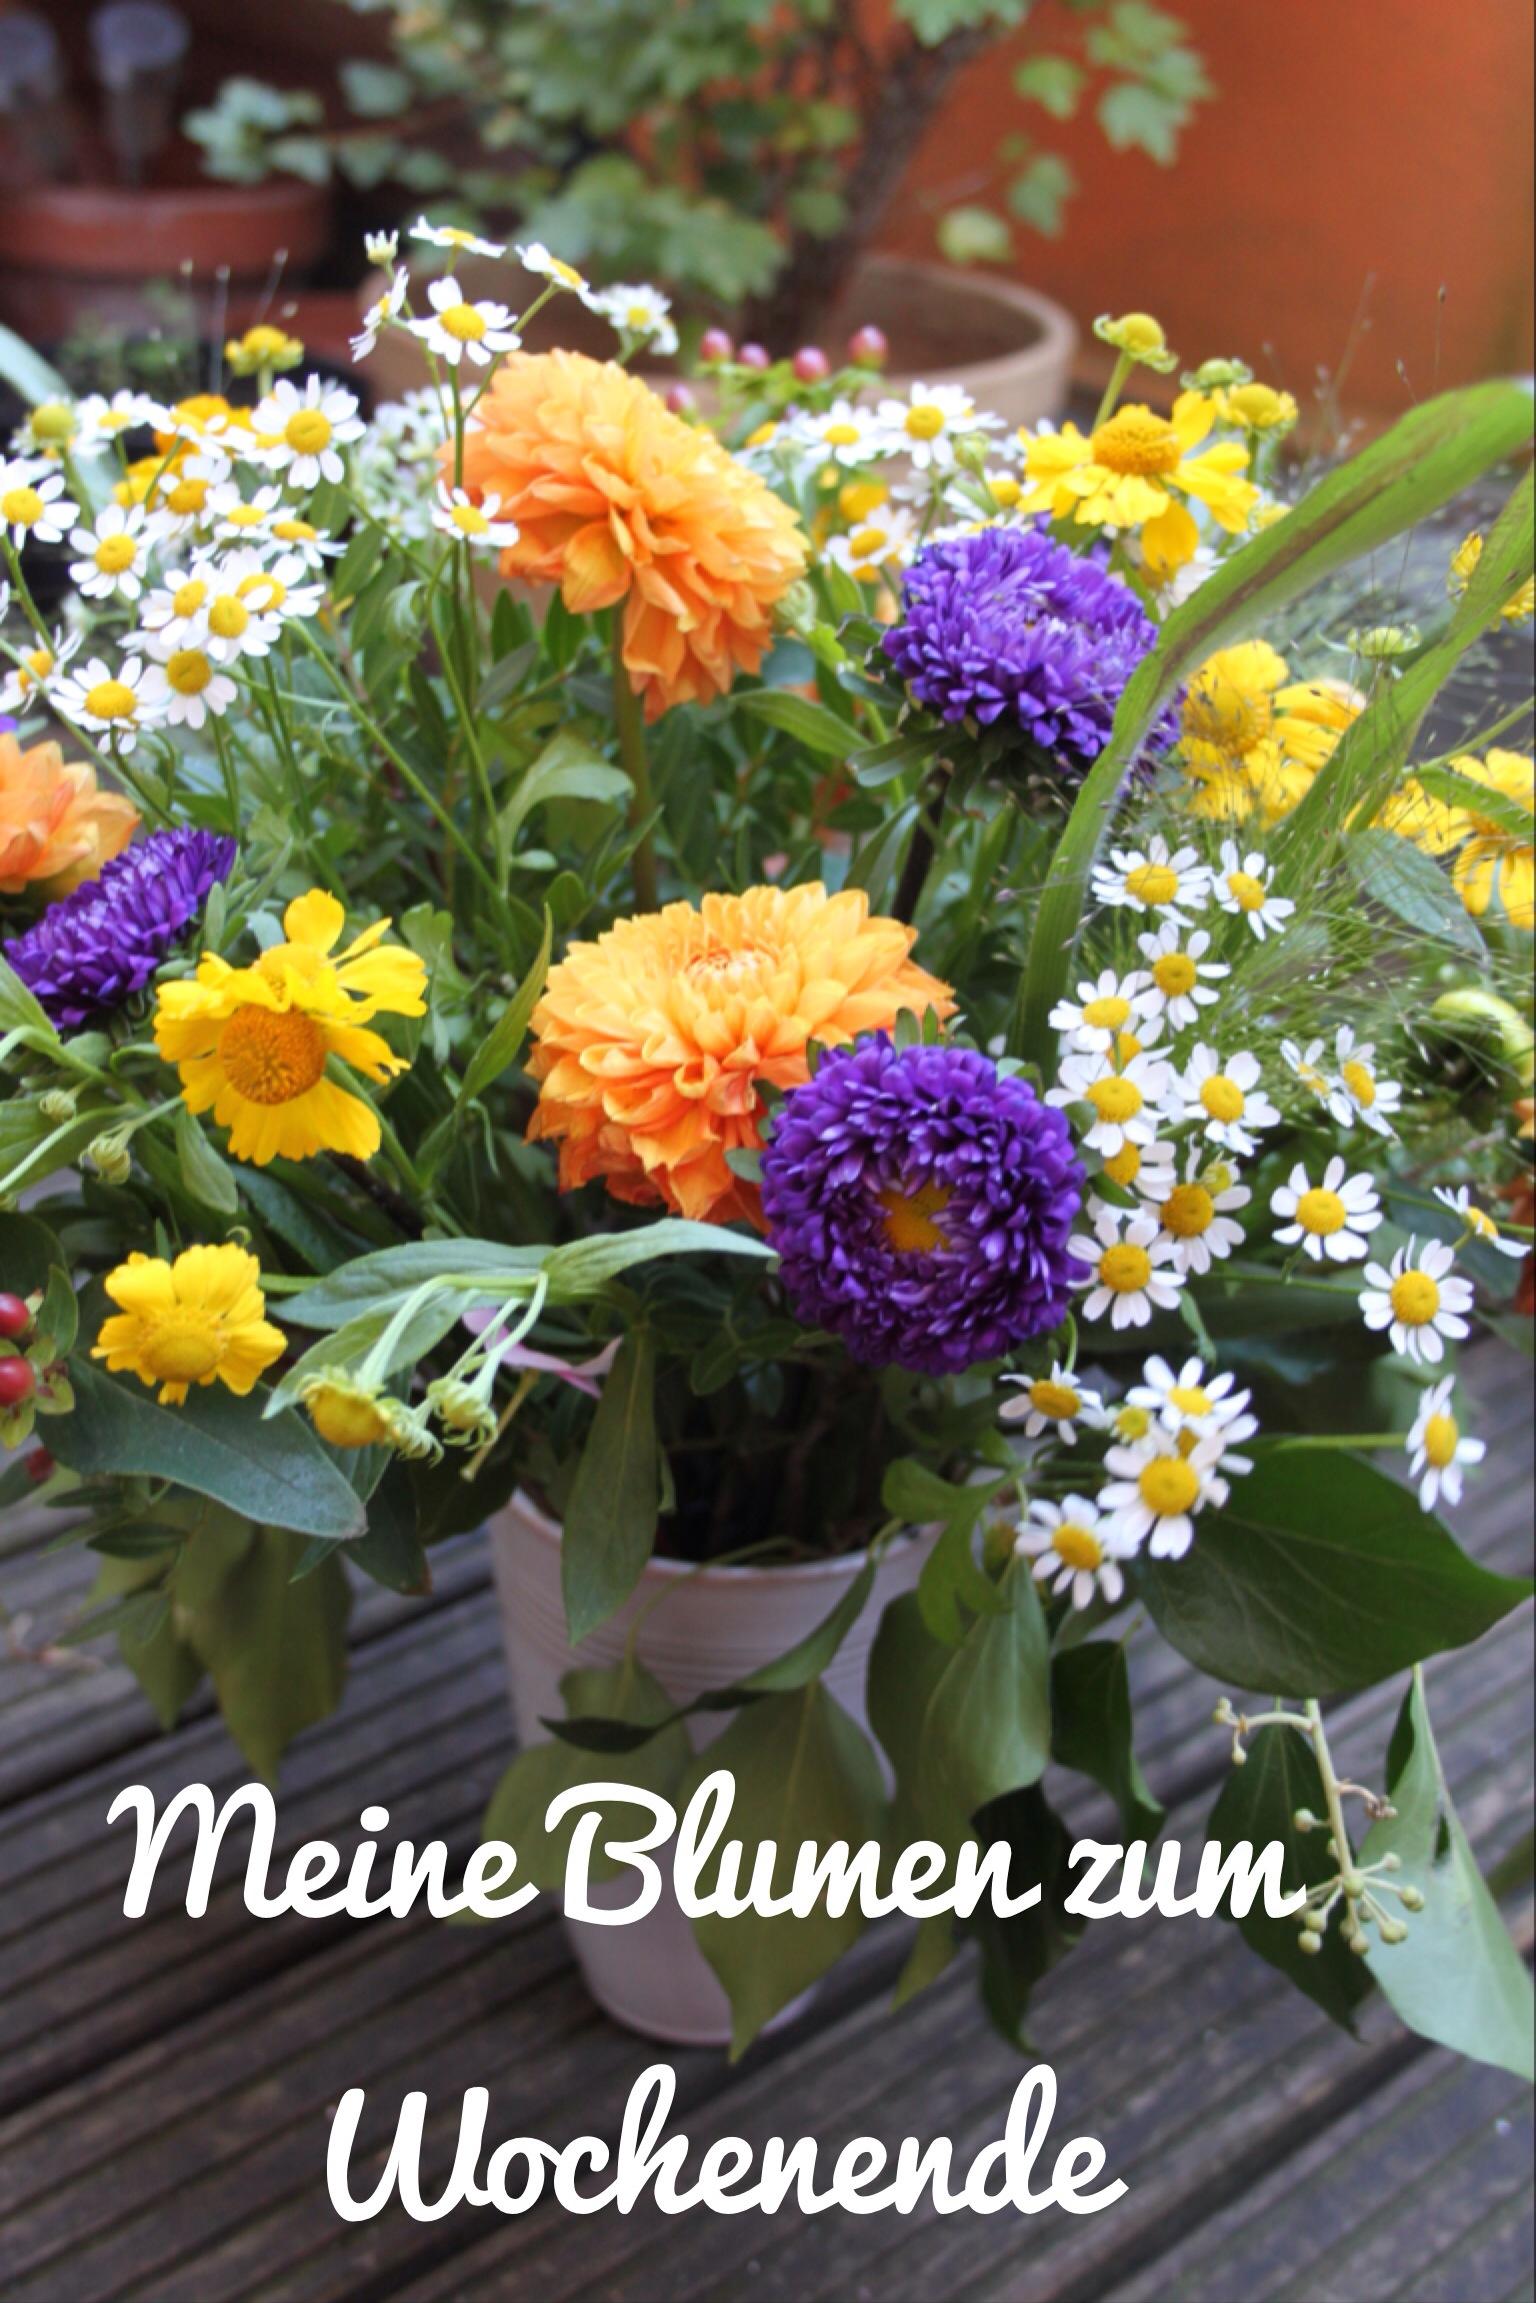 Flower-Friday # 35